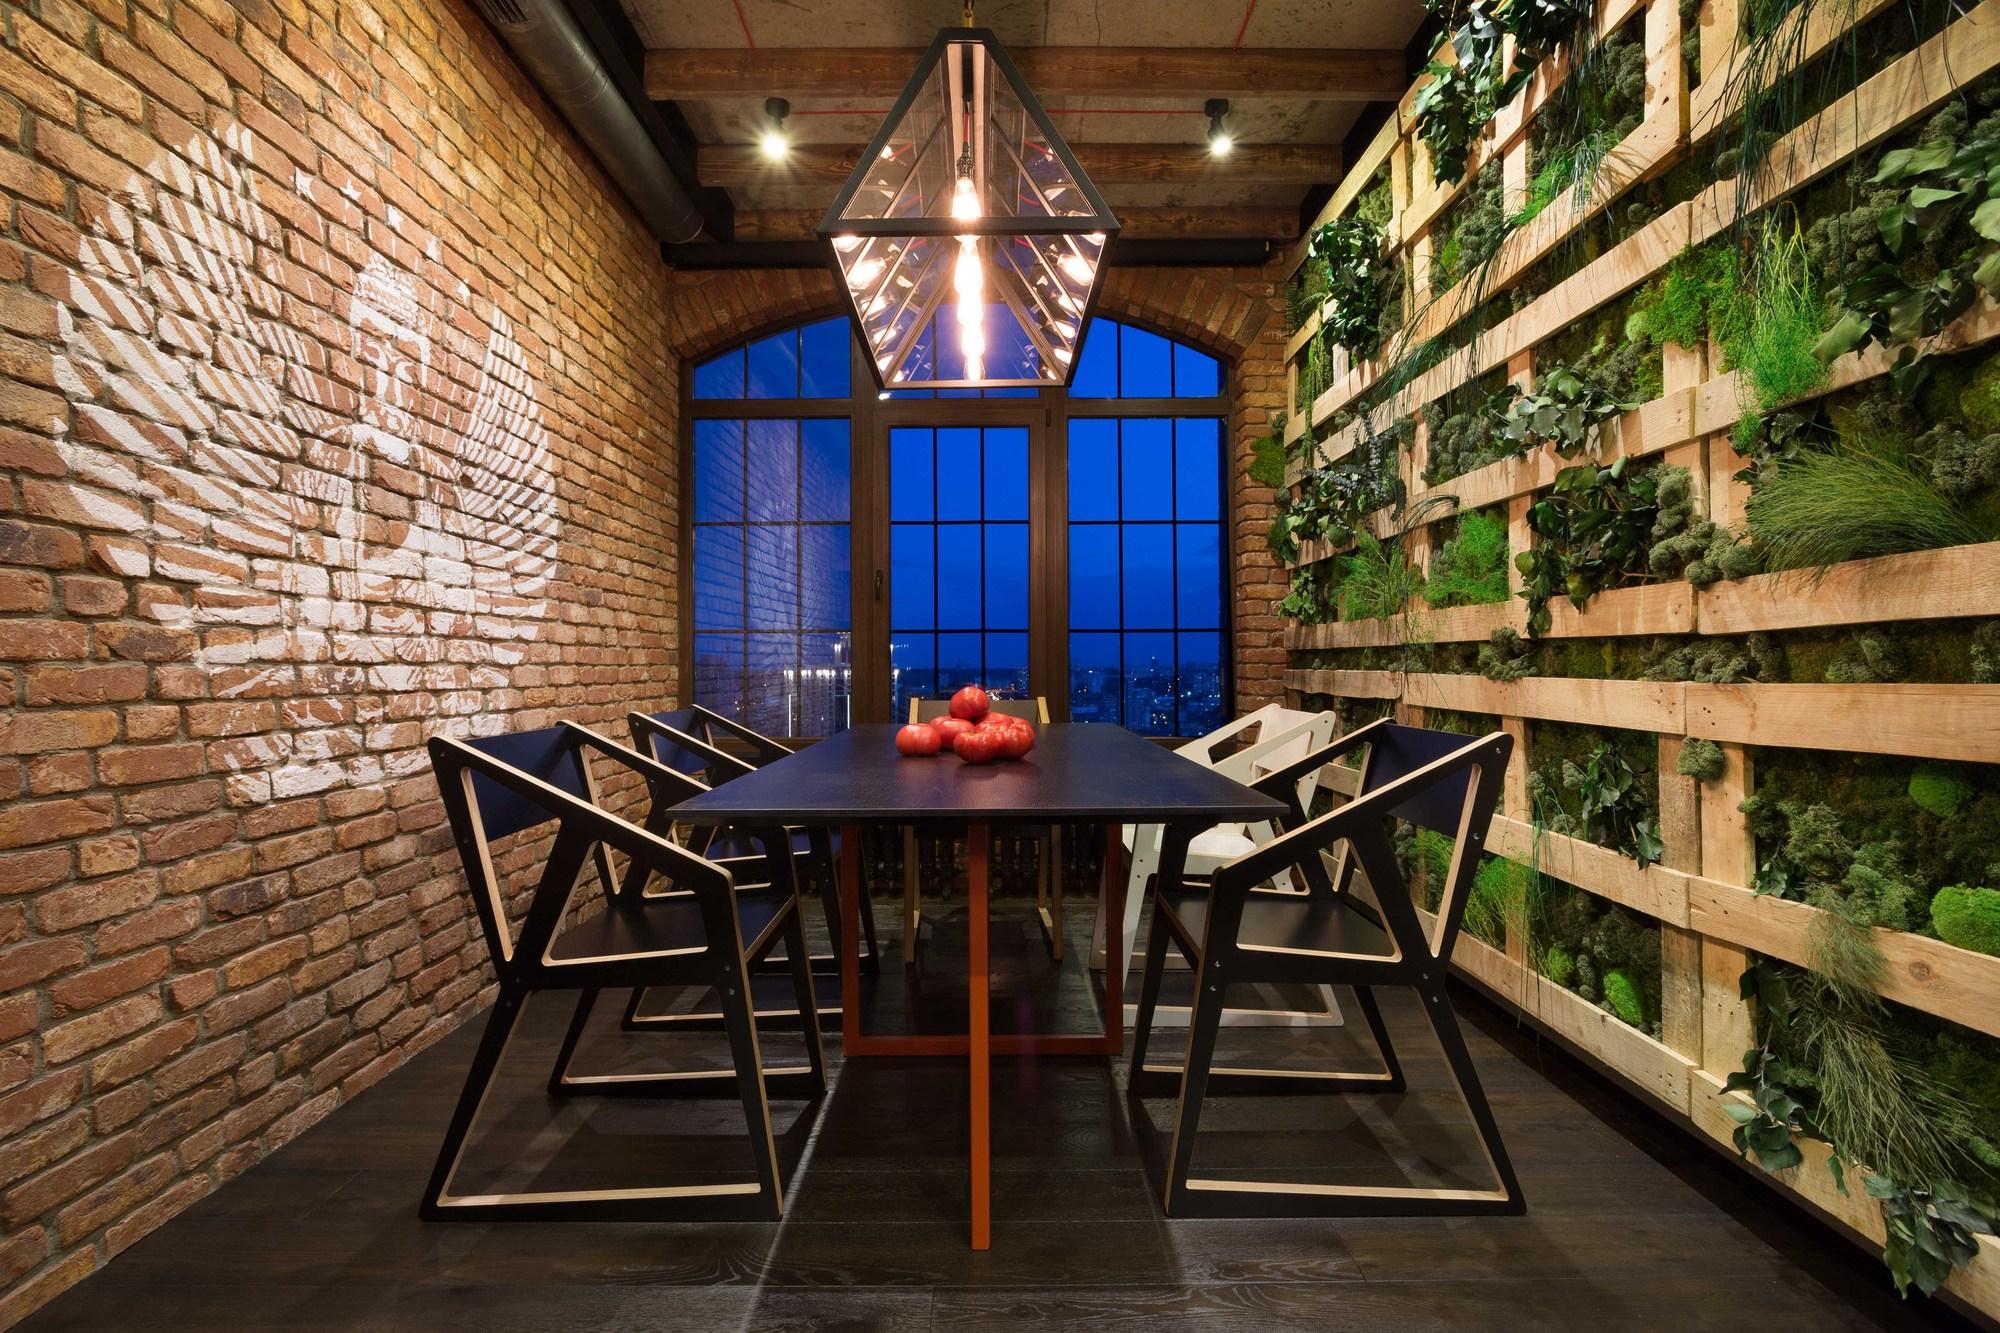 Salle à manger de style loft laconique du groupe de designers MARTIN architects : mur de briques avec végétation opposée, sol noir, mobilier minimaliste, structure lumineuse géométrique